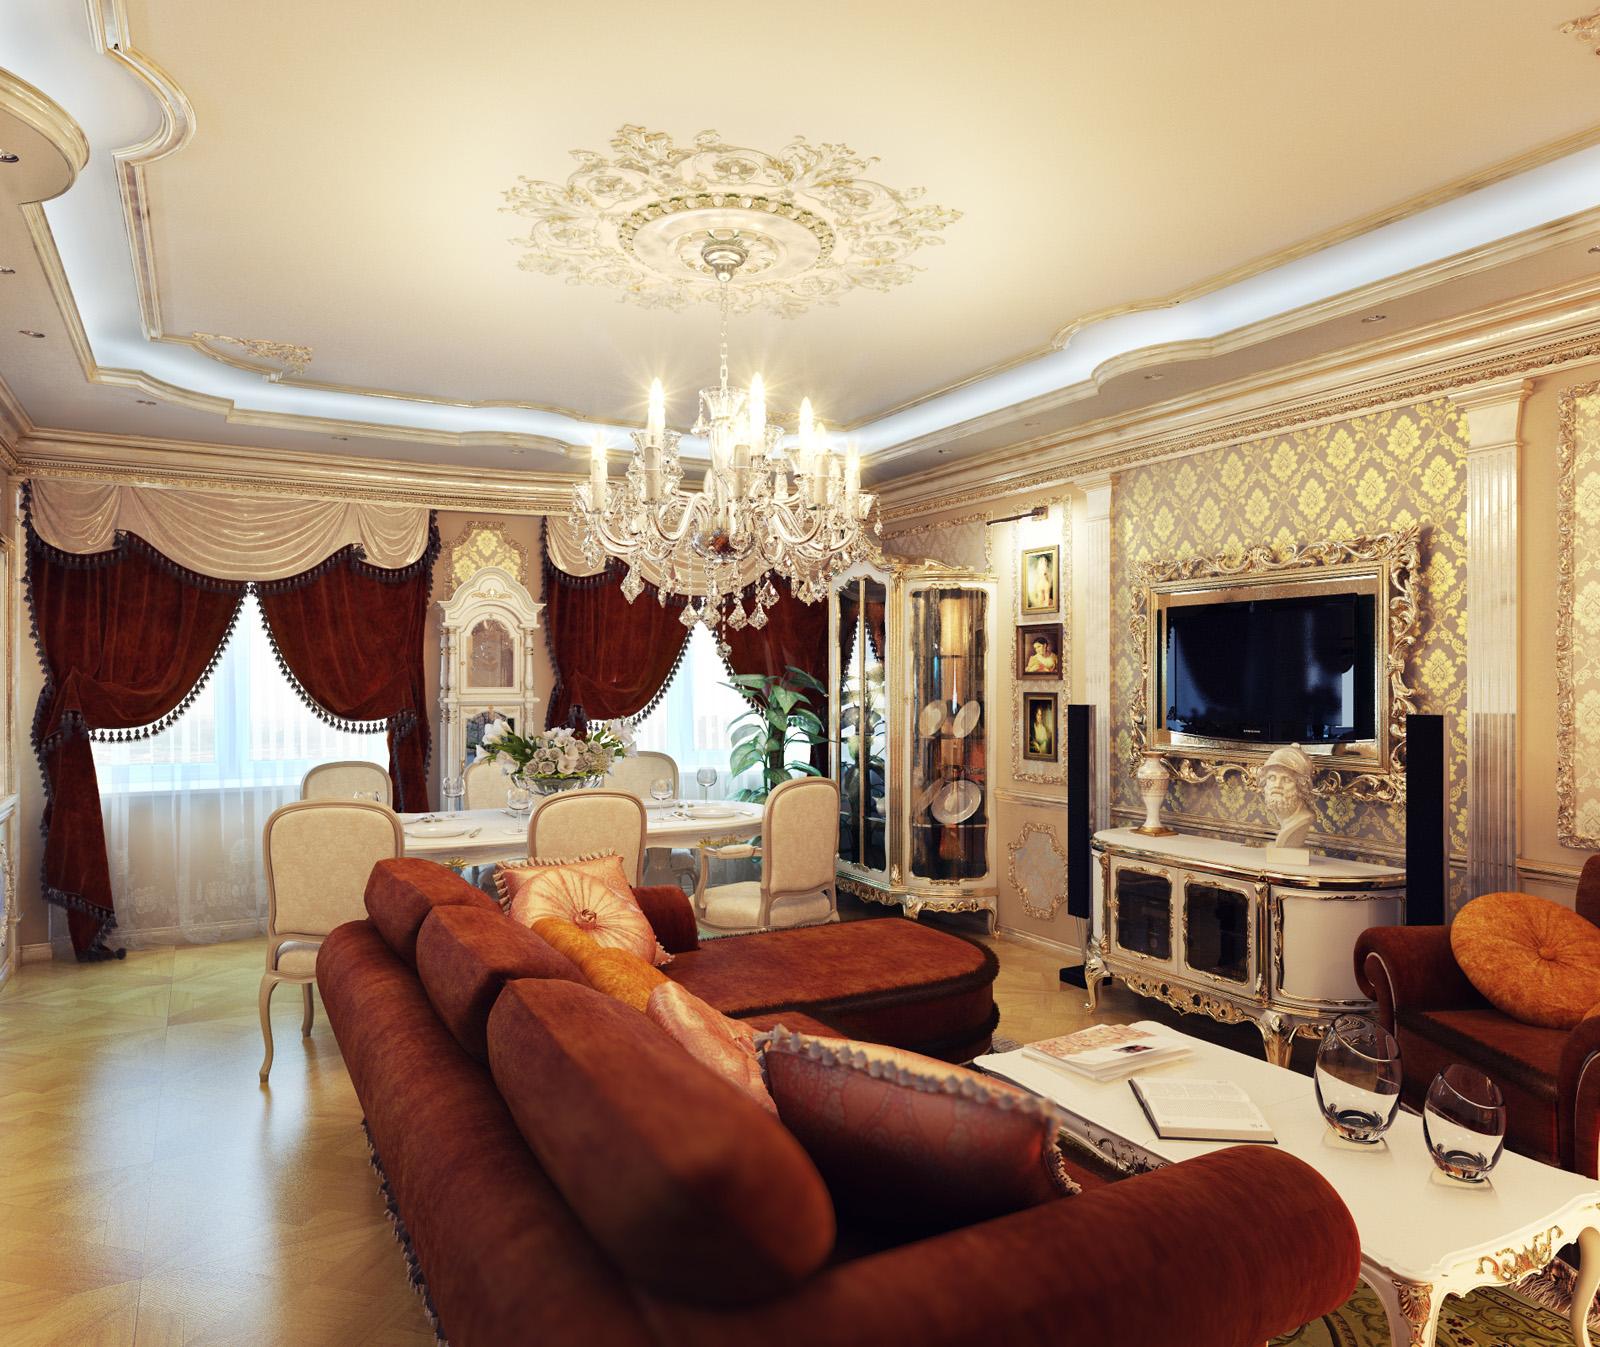 Hoe een woonkamer in een klassieke stijl te versieren?